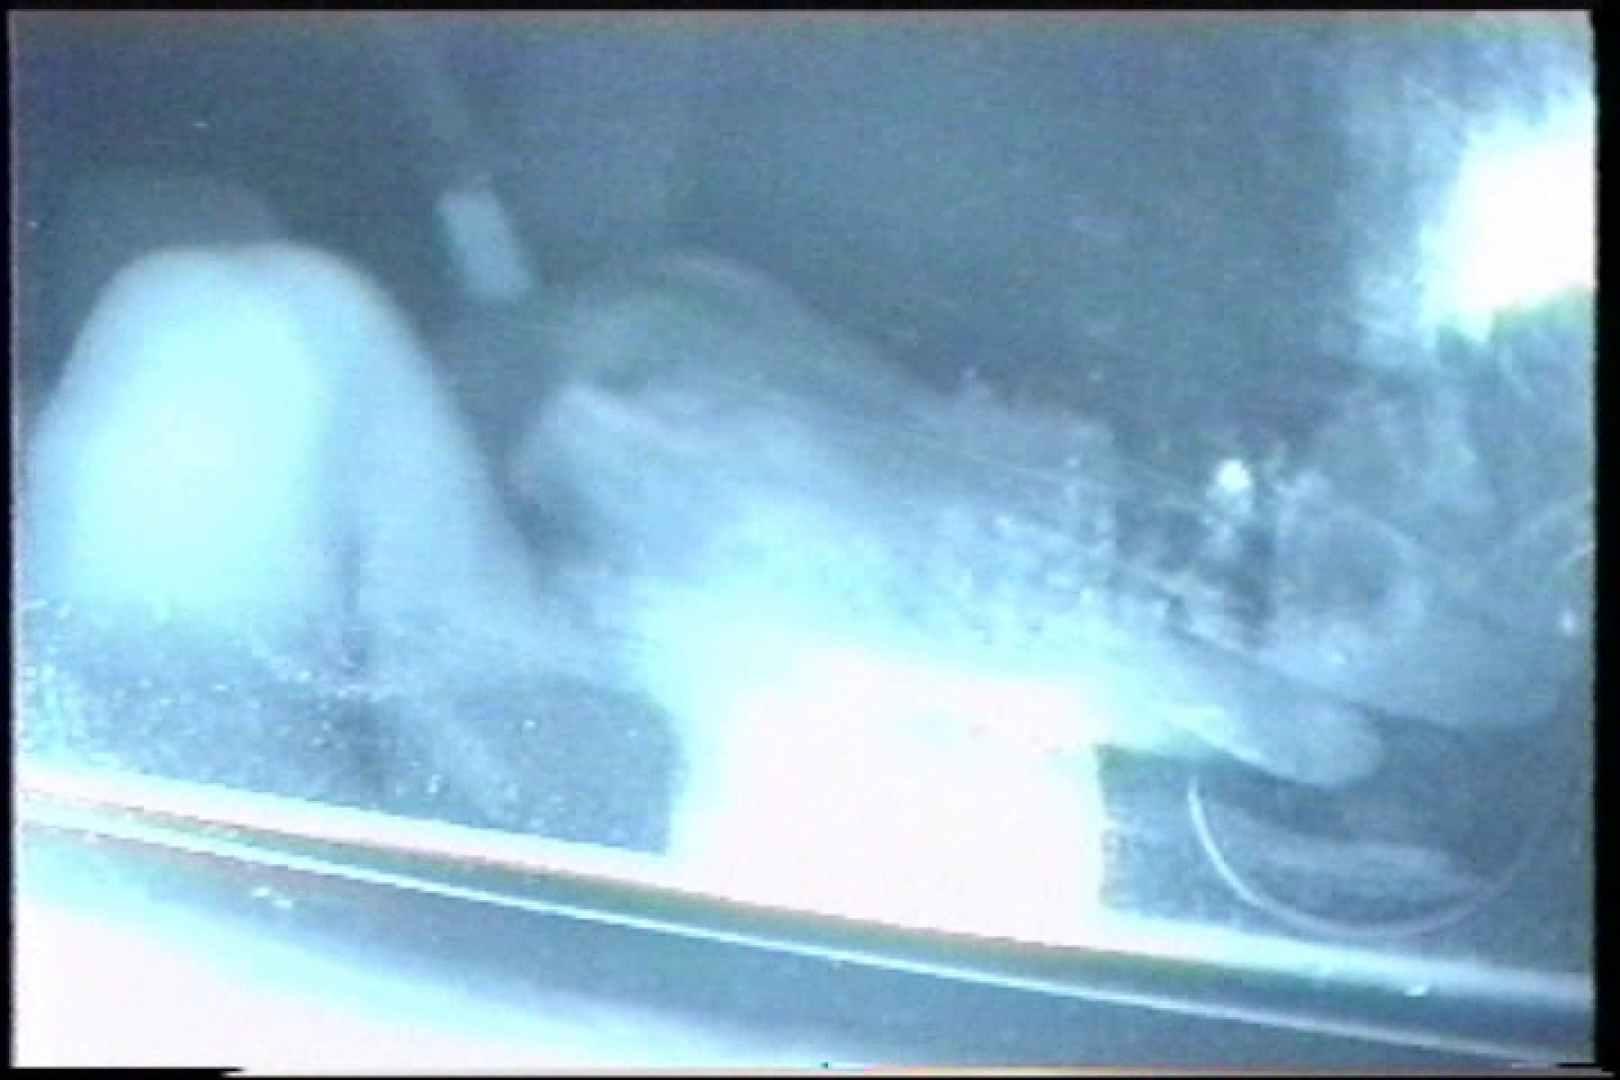 充血監督の深夜の運動会Vol.210 おまんこ無修正 盗撮動画紹介 64画像 29